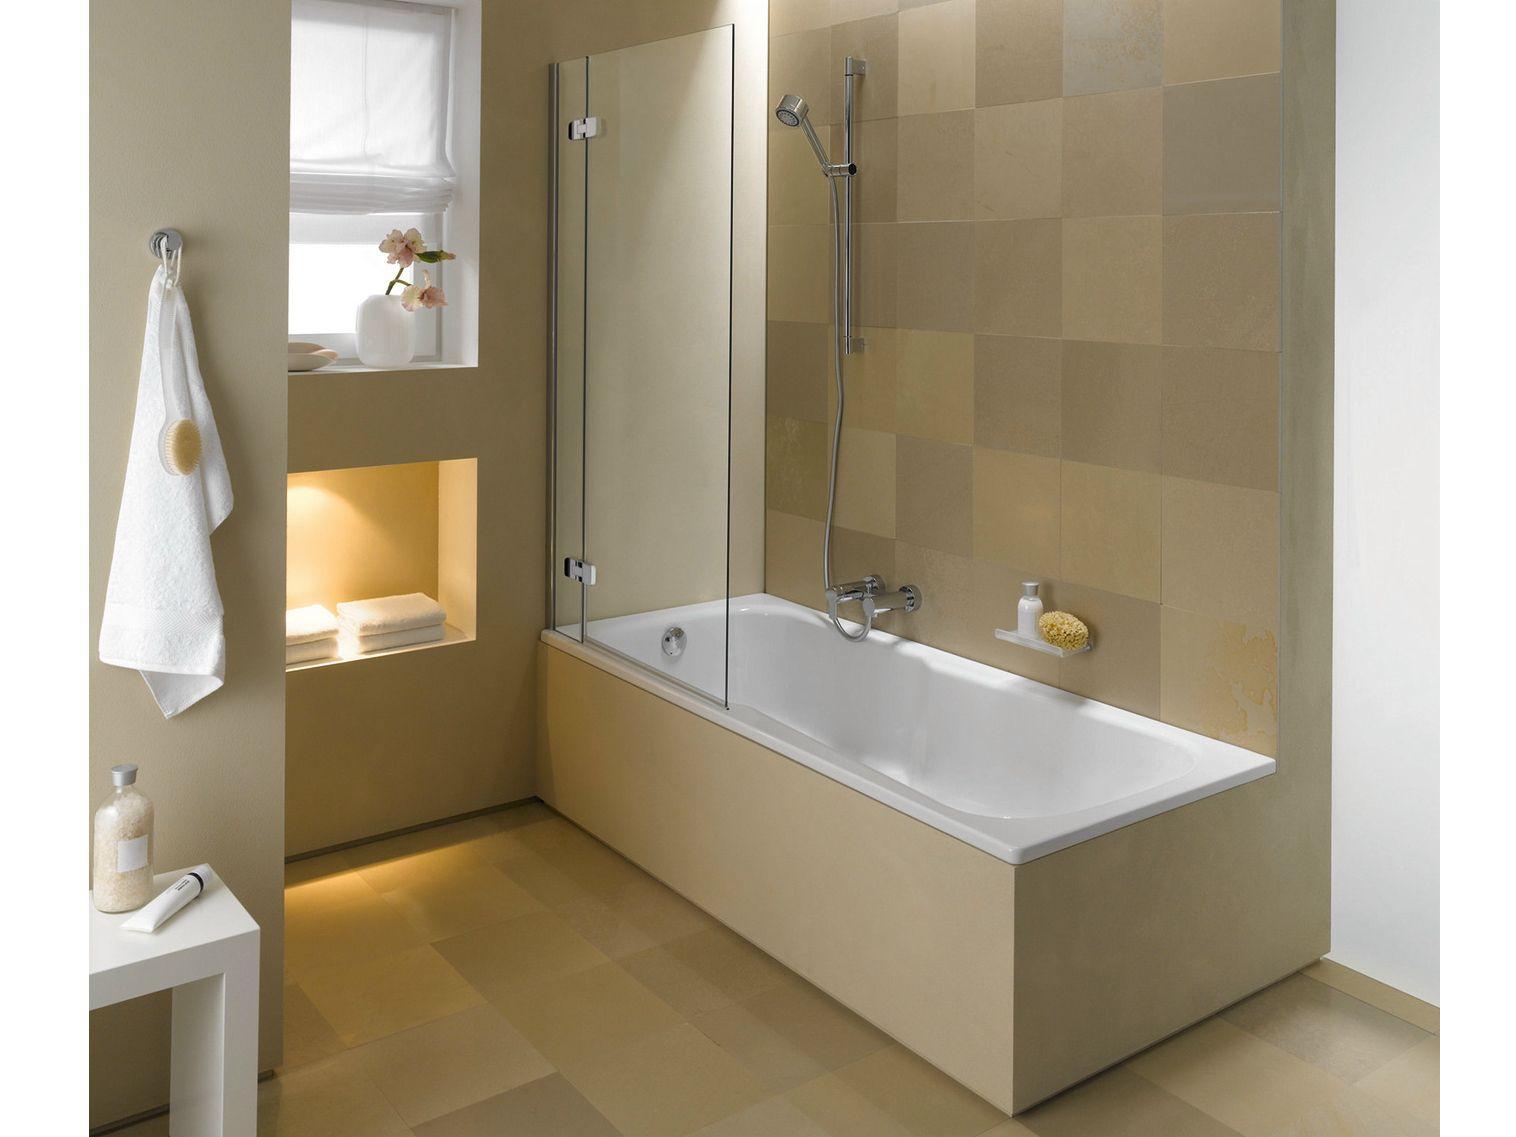 Vasca da bagno in acciaio smaltato con doccia betteset collezione vasche da bagno con doccia by for Bagno con doccia